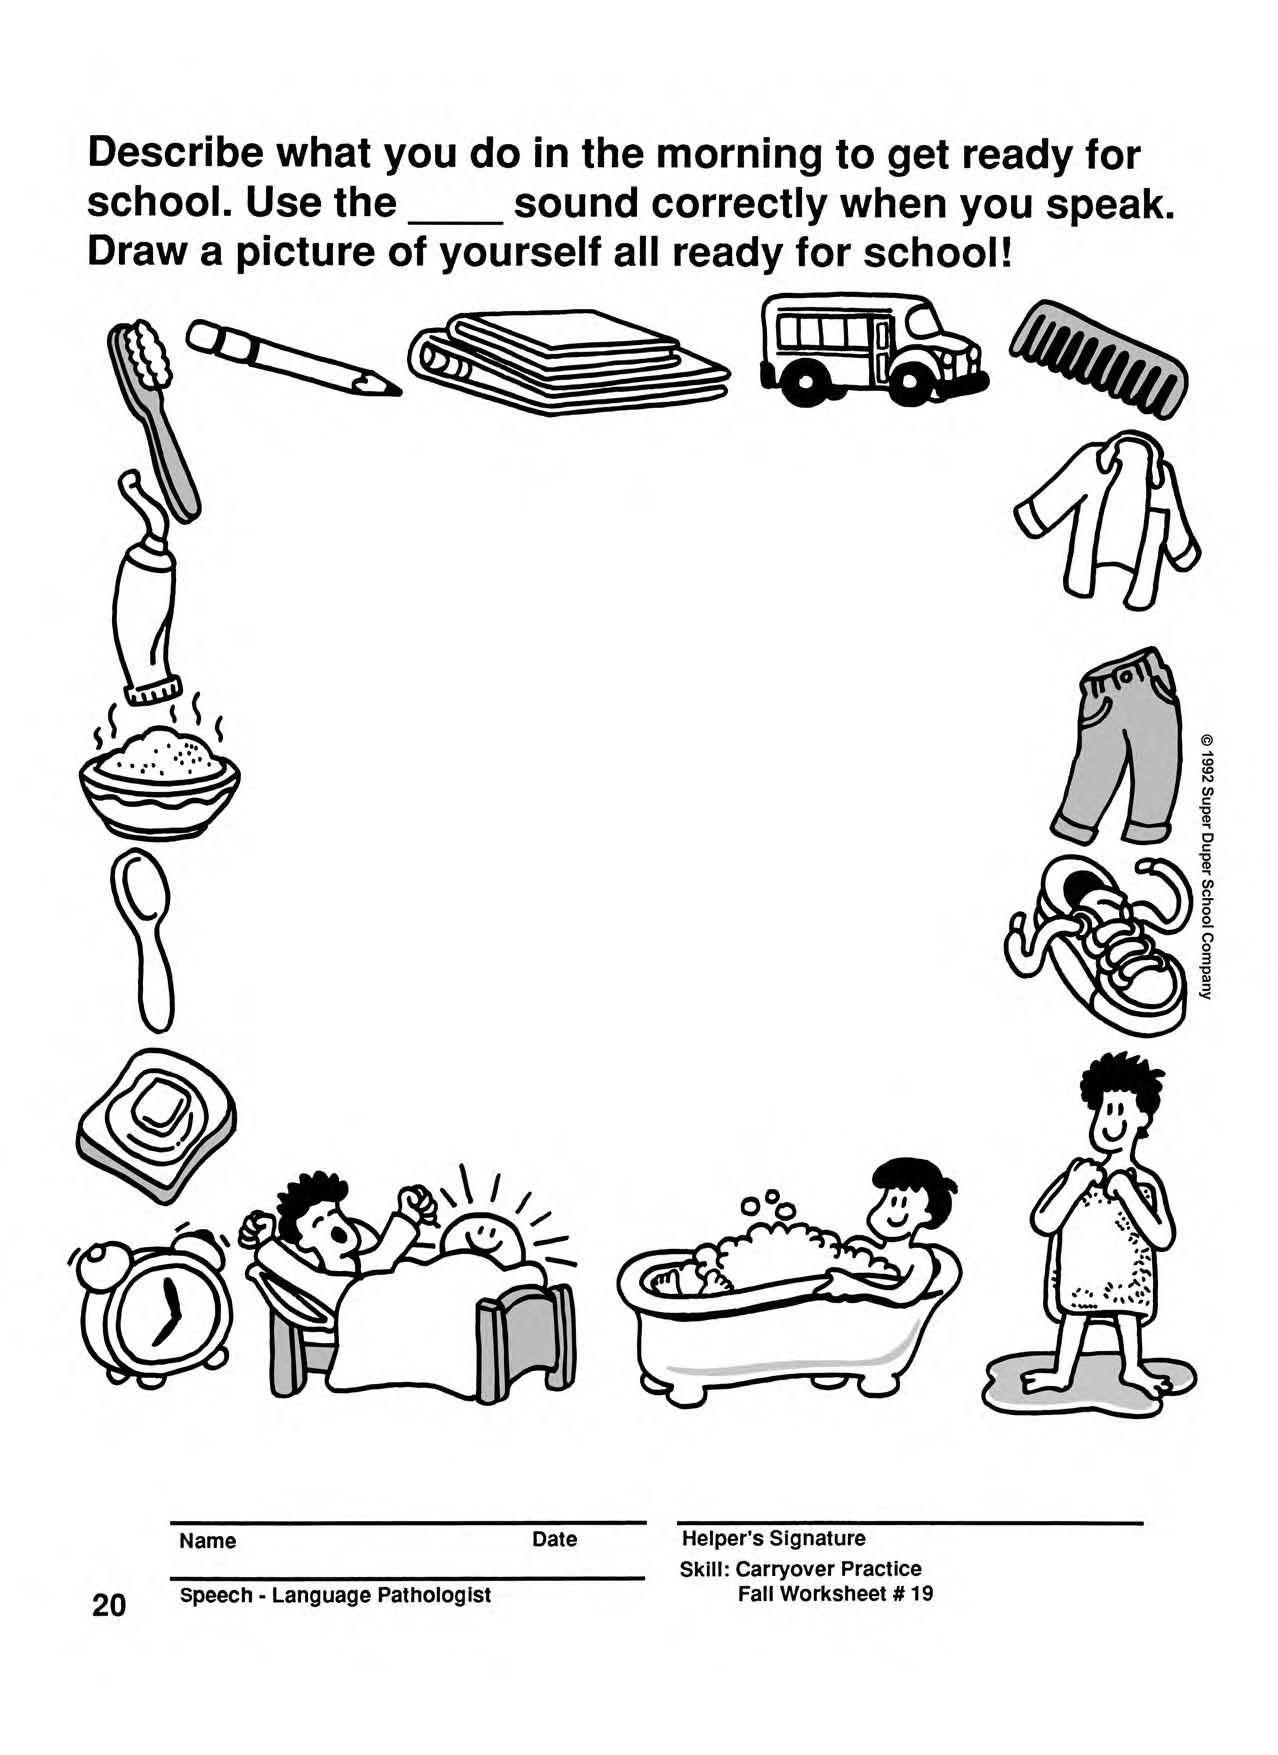 Carryover Practice Fun Sheet